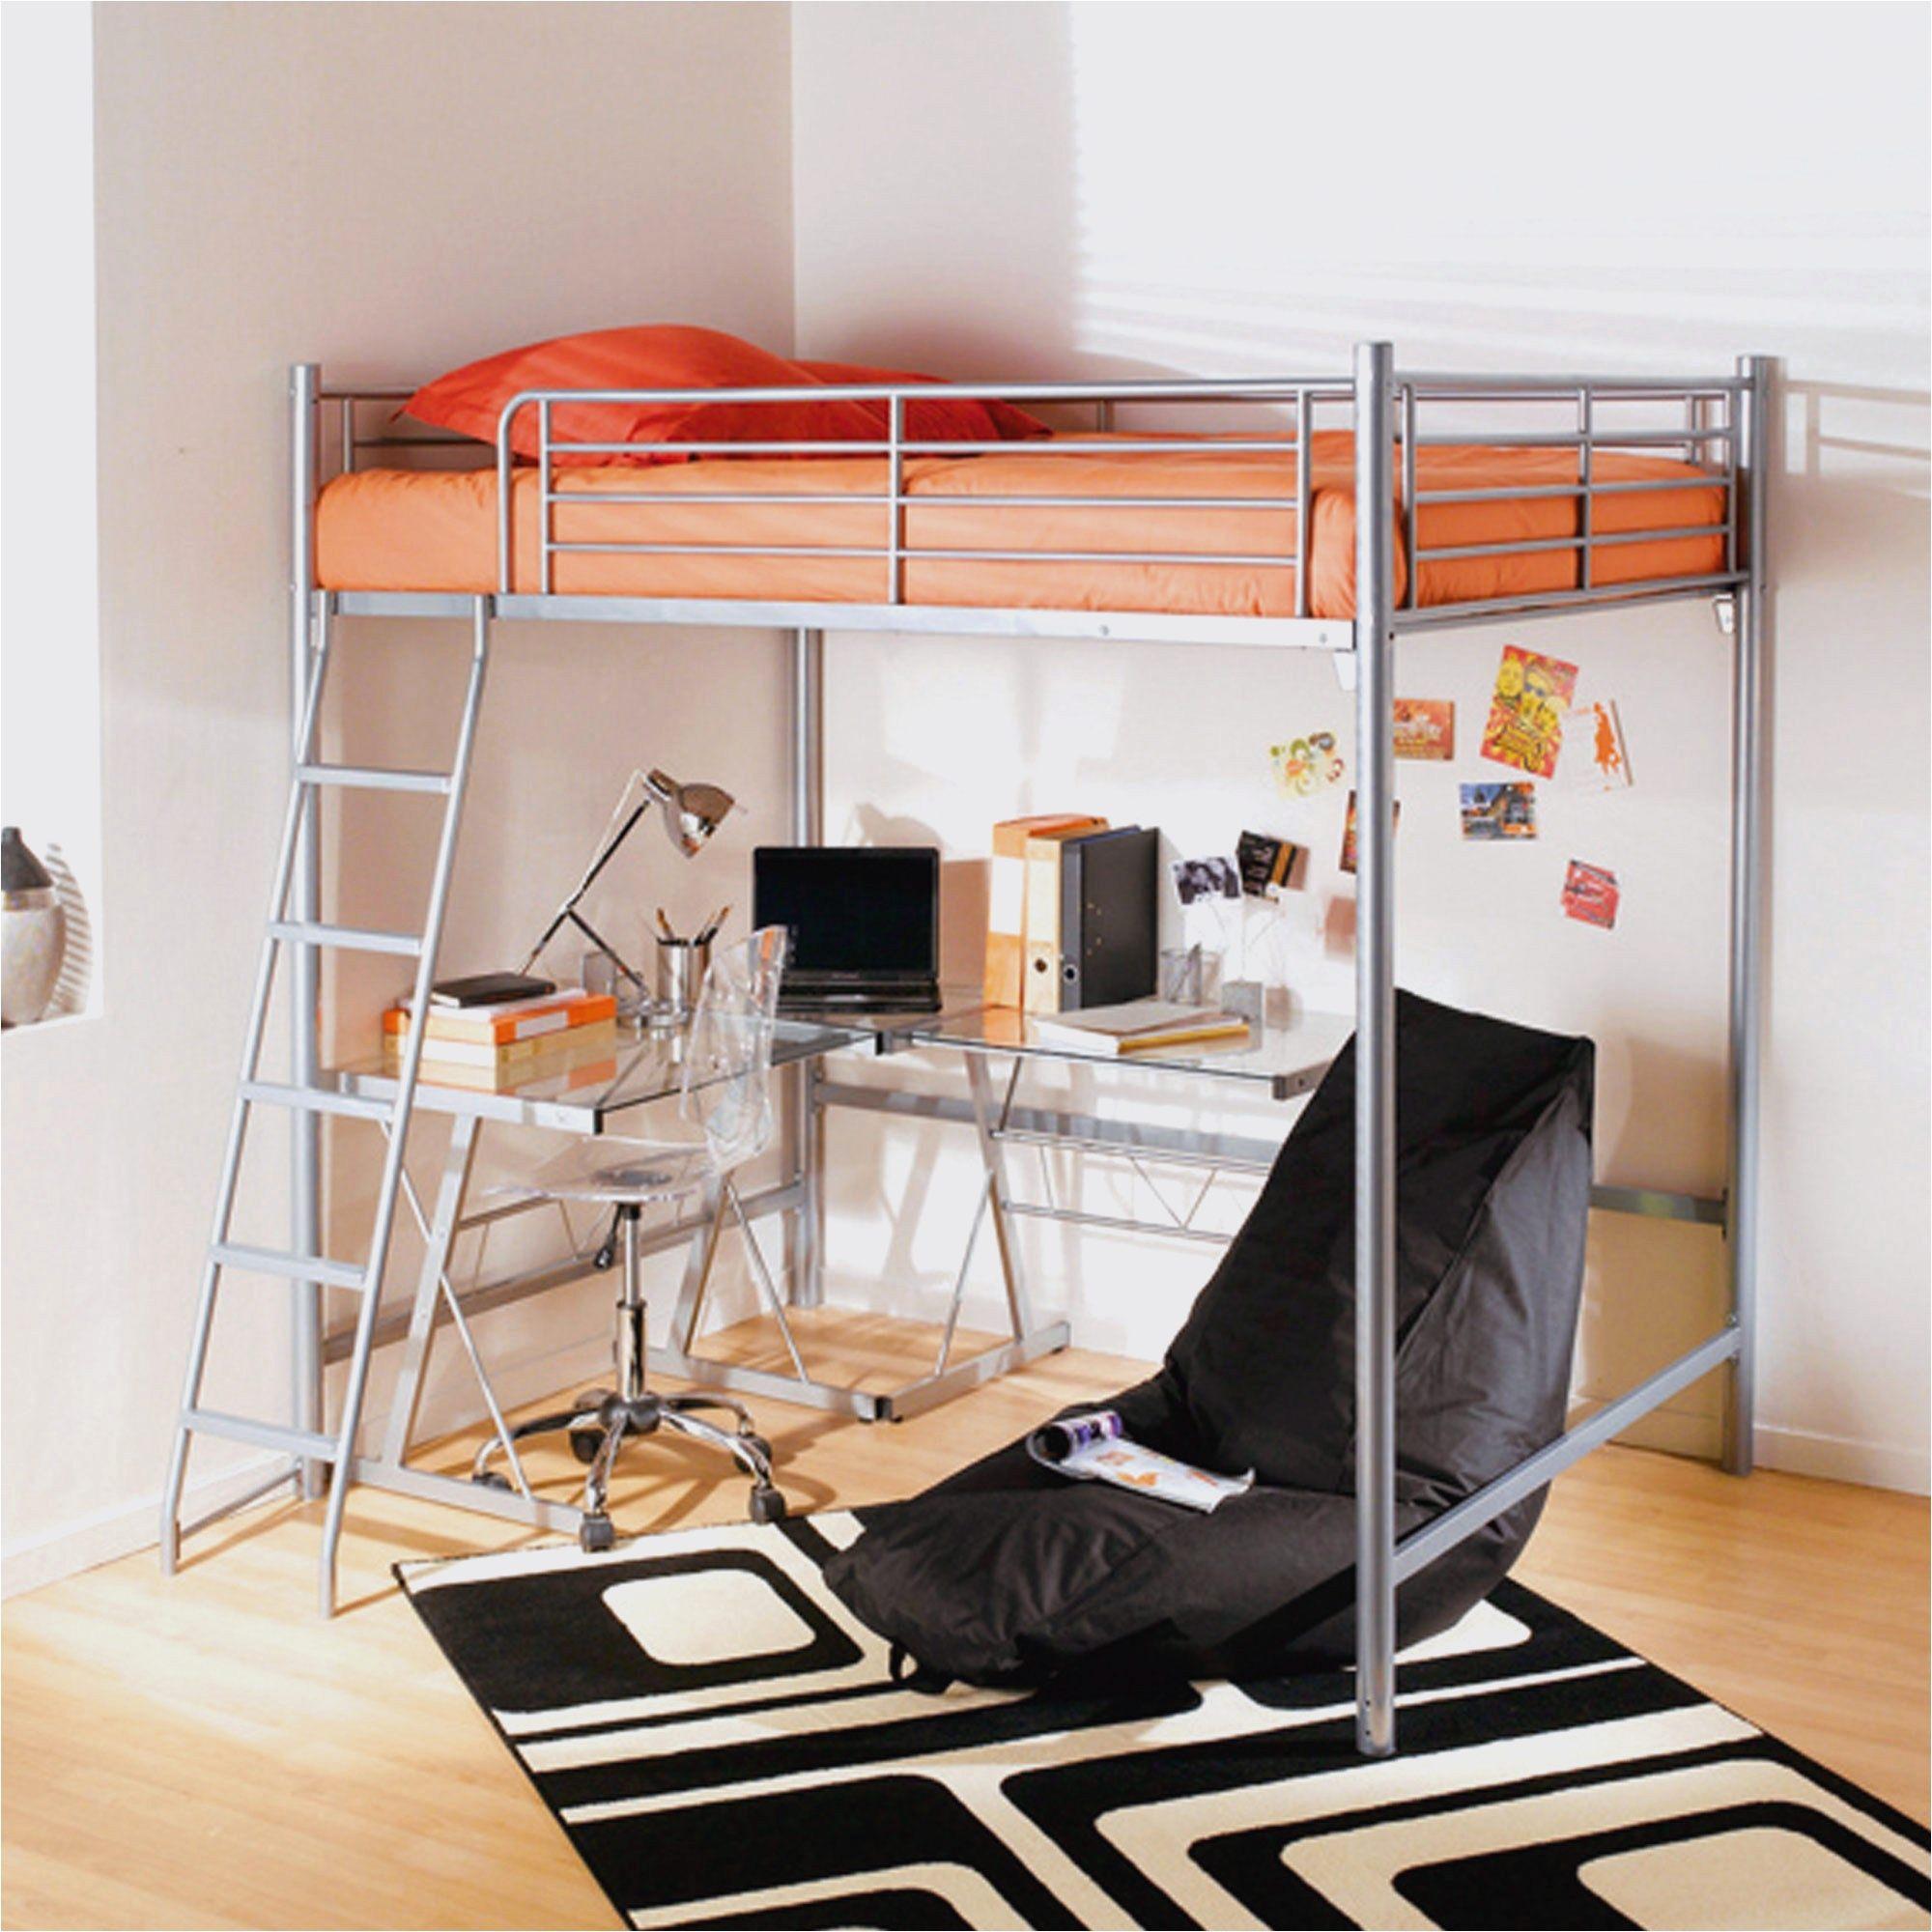 Lit Mezzanine Double Fraîche Incroyable Lit Mezzanine Avec Canape Et Ikea Canap Lit Ma17 Hemnes